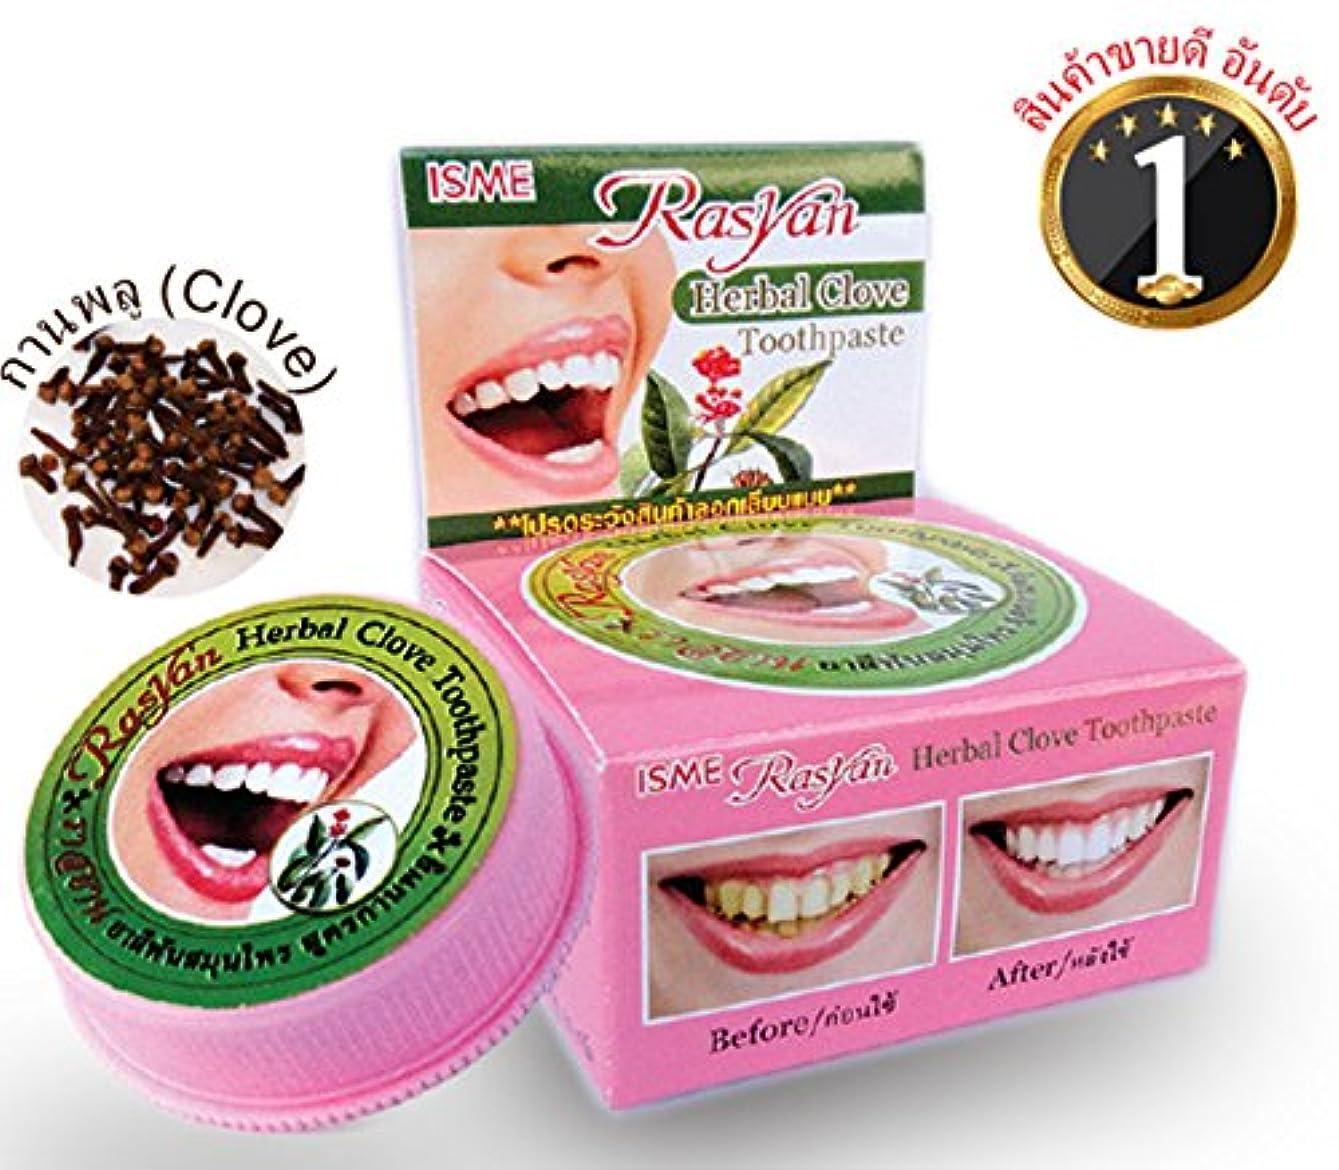 することになっている安心させるレビュアー練り歯磨き ハーブ Thai Herbal Rasyan Herbal Clove Toothpaste (5 Gram Size) 2 Pcs.